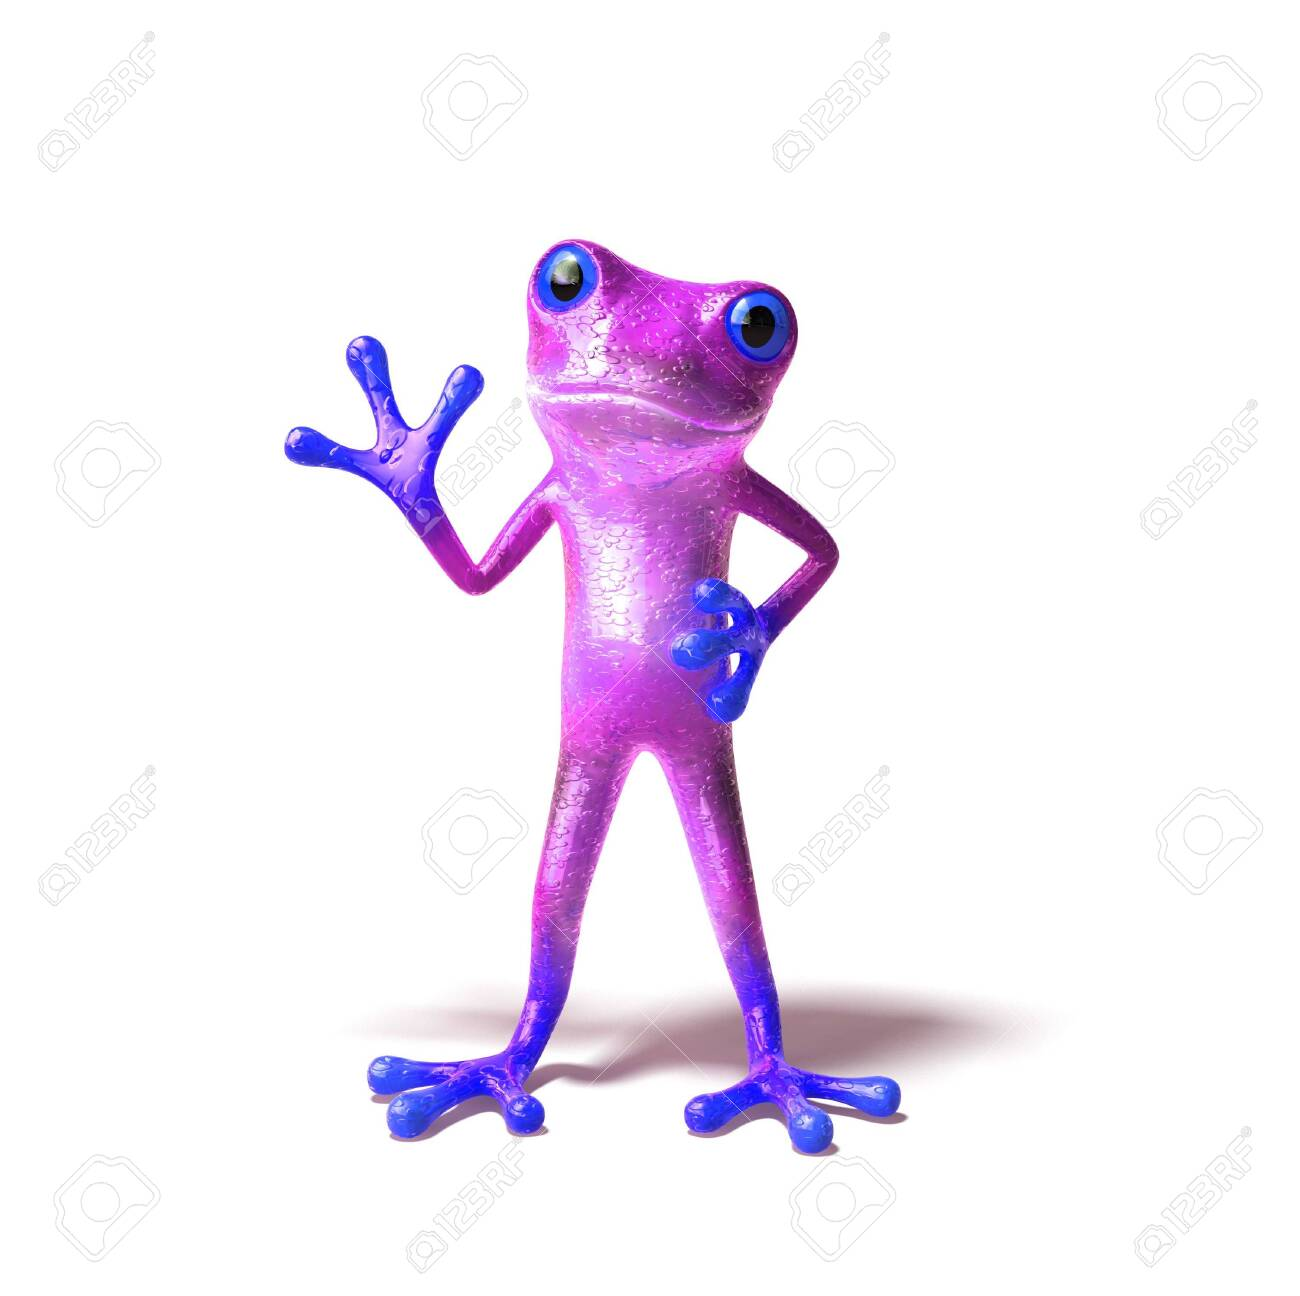 Fun frog Stock Photo - 3972988